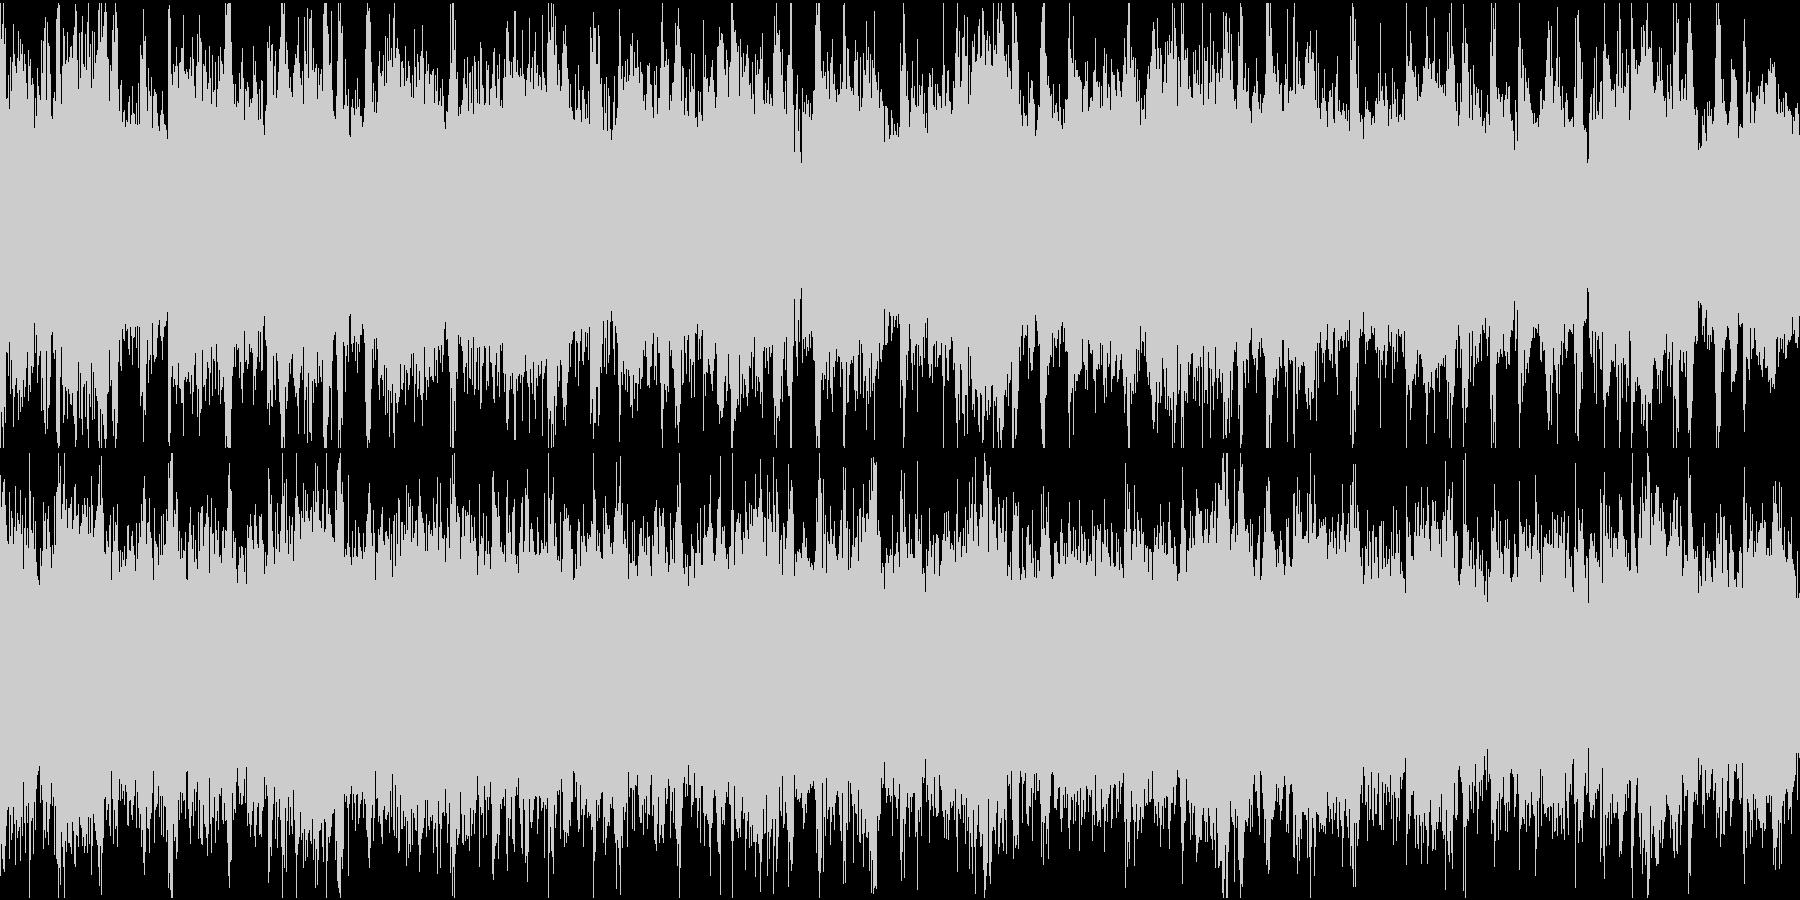 ドキュメンタリーやさしい曲1 ドラムありの未再生の波形